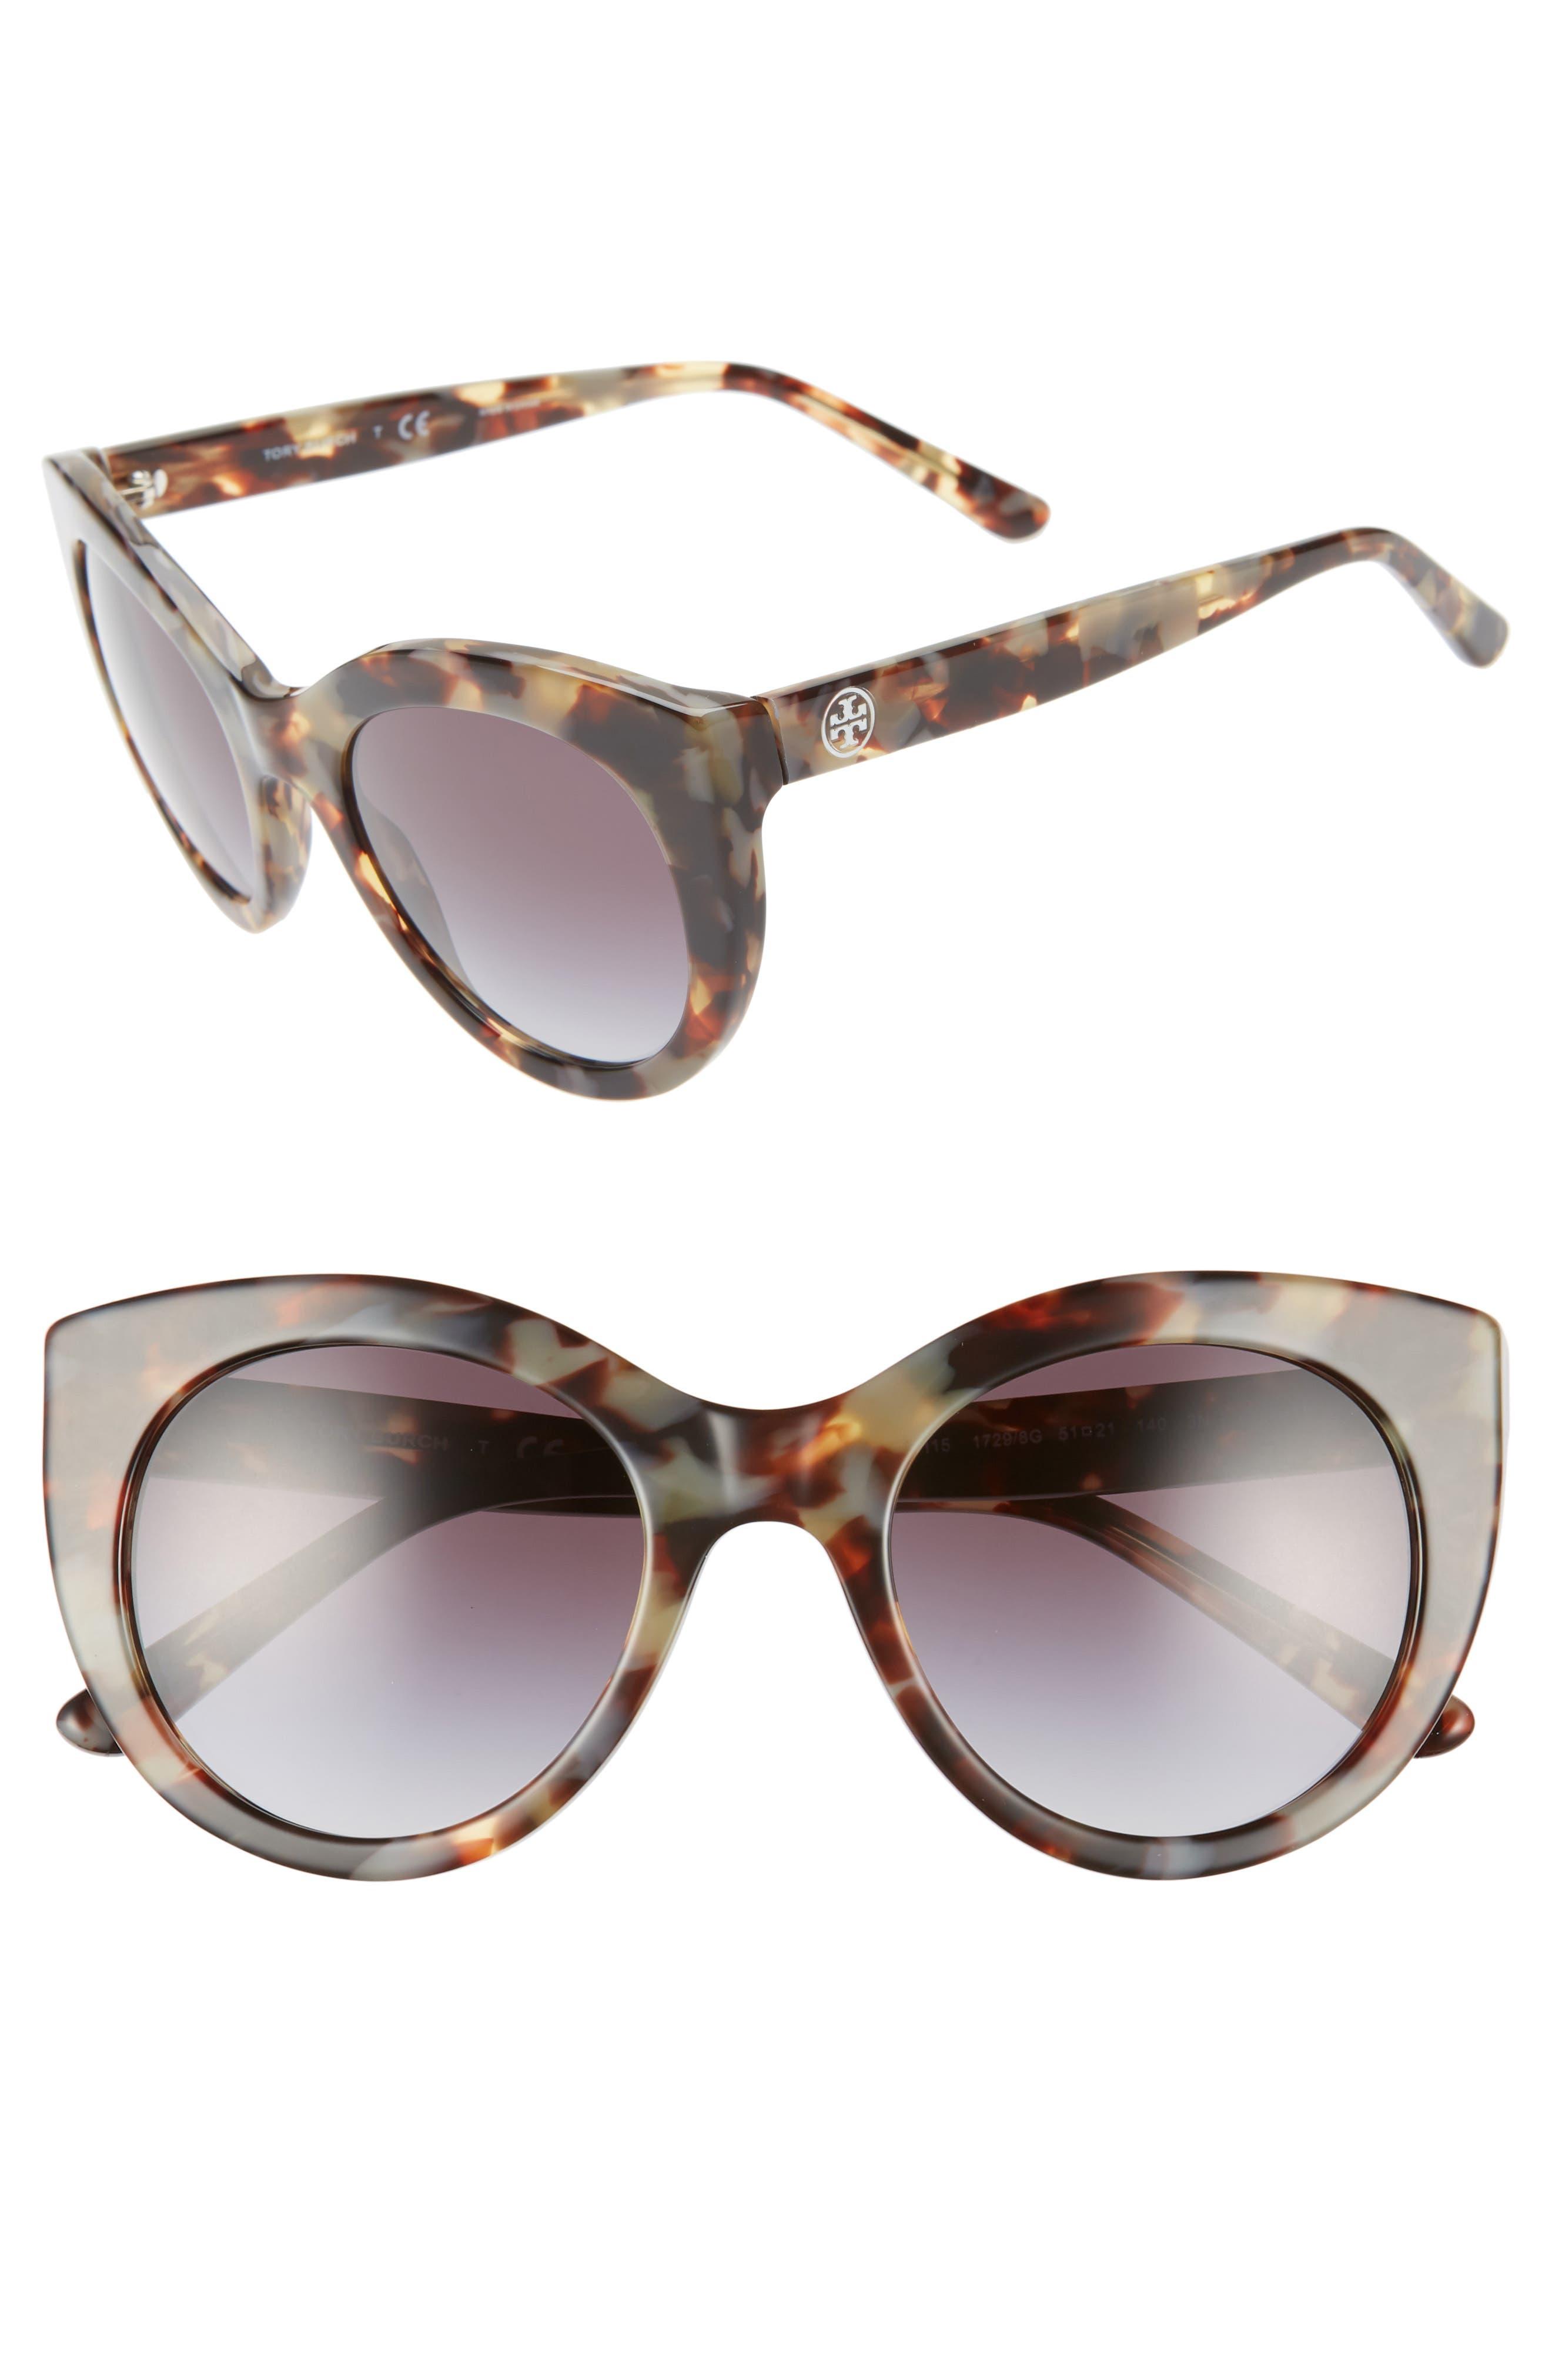 TORY BURCH,                             51mm Cat Eye Sunglasses,                             Main thumbnail 1, color,                             001